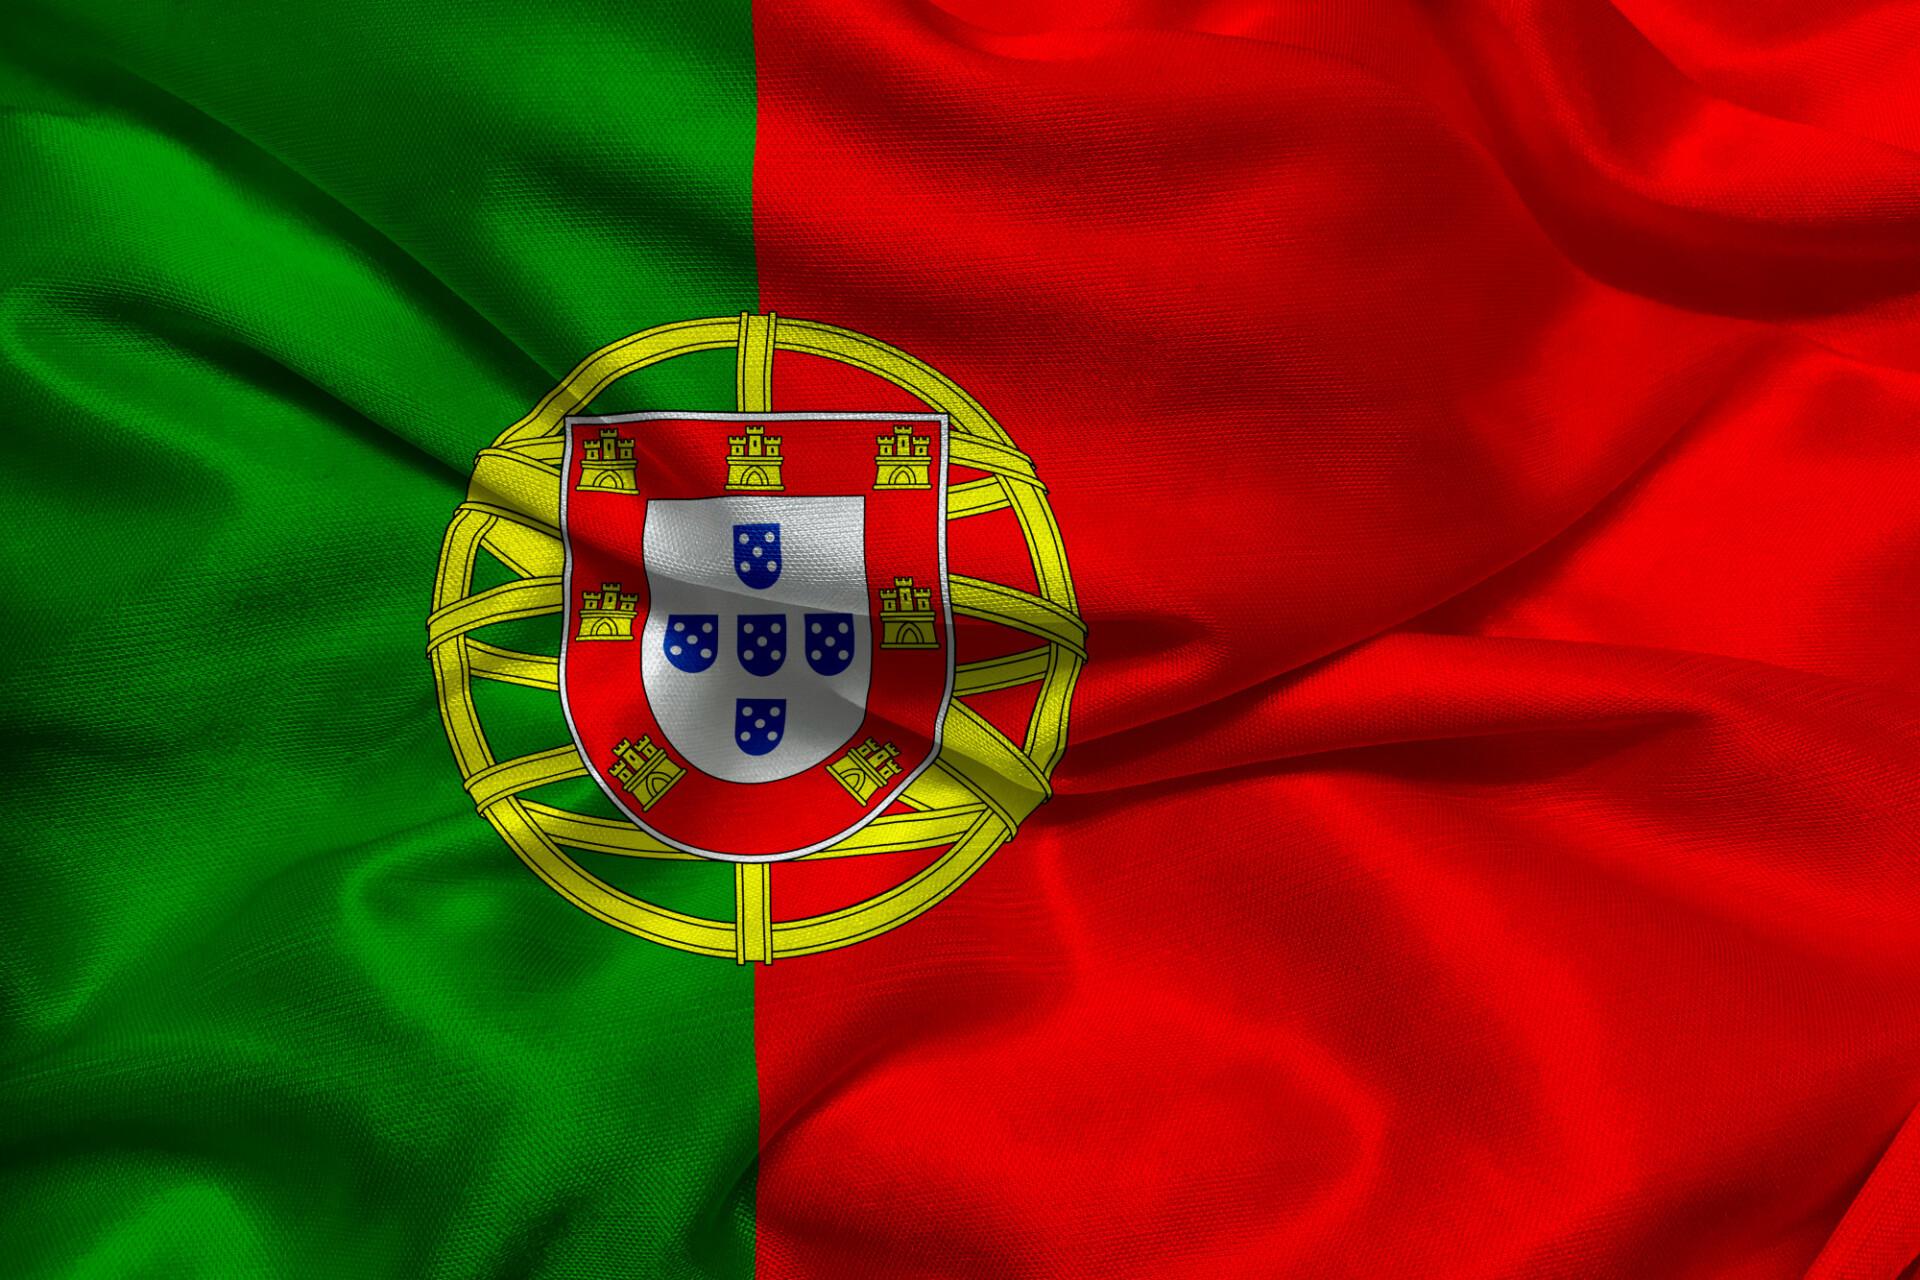 The flag of Portugal - Bandeira de Portugal